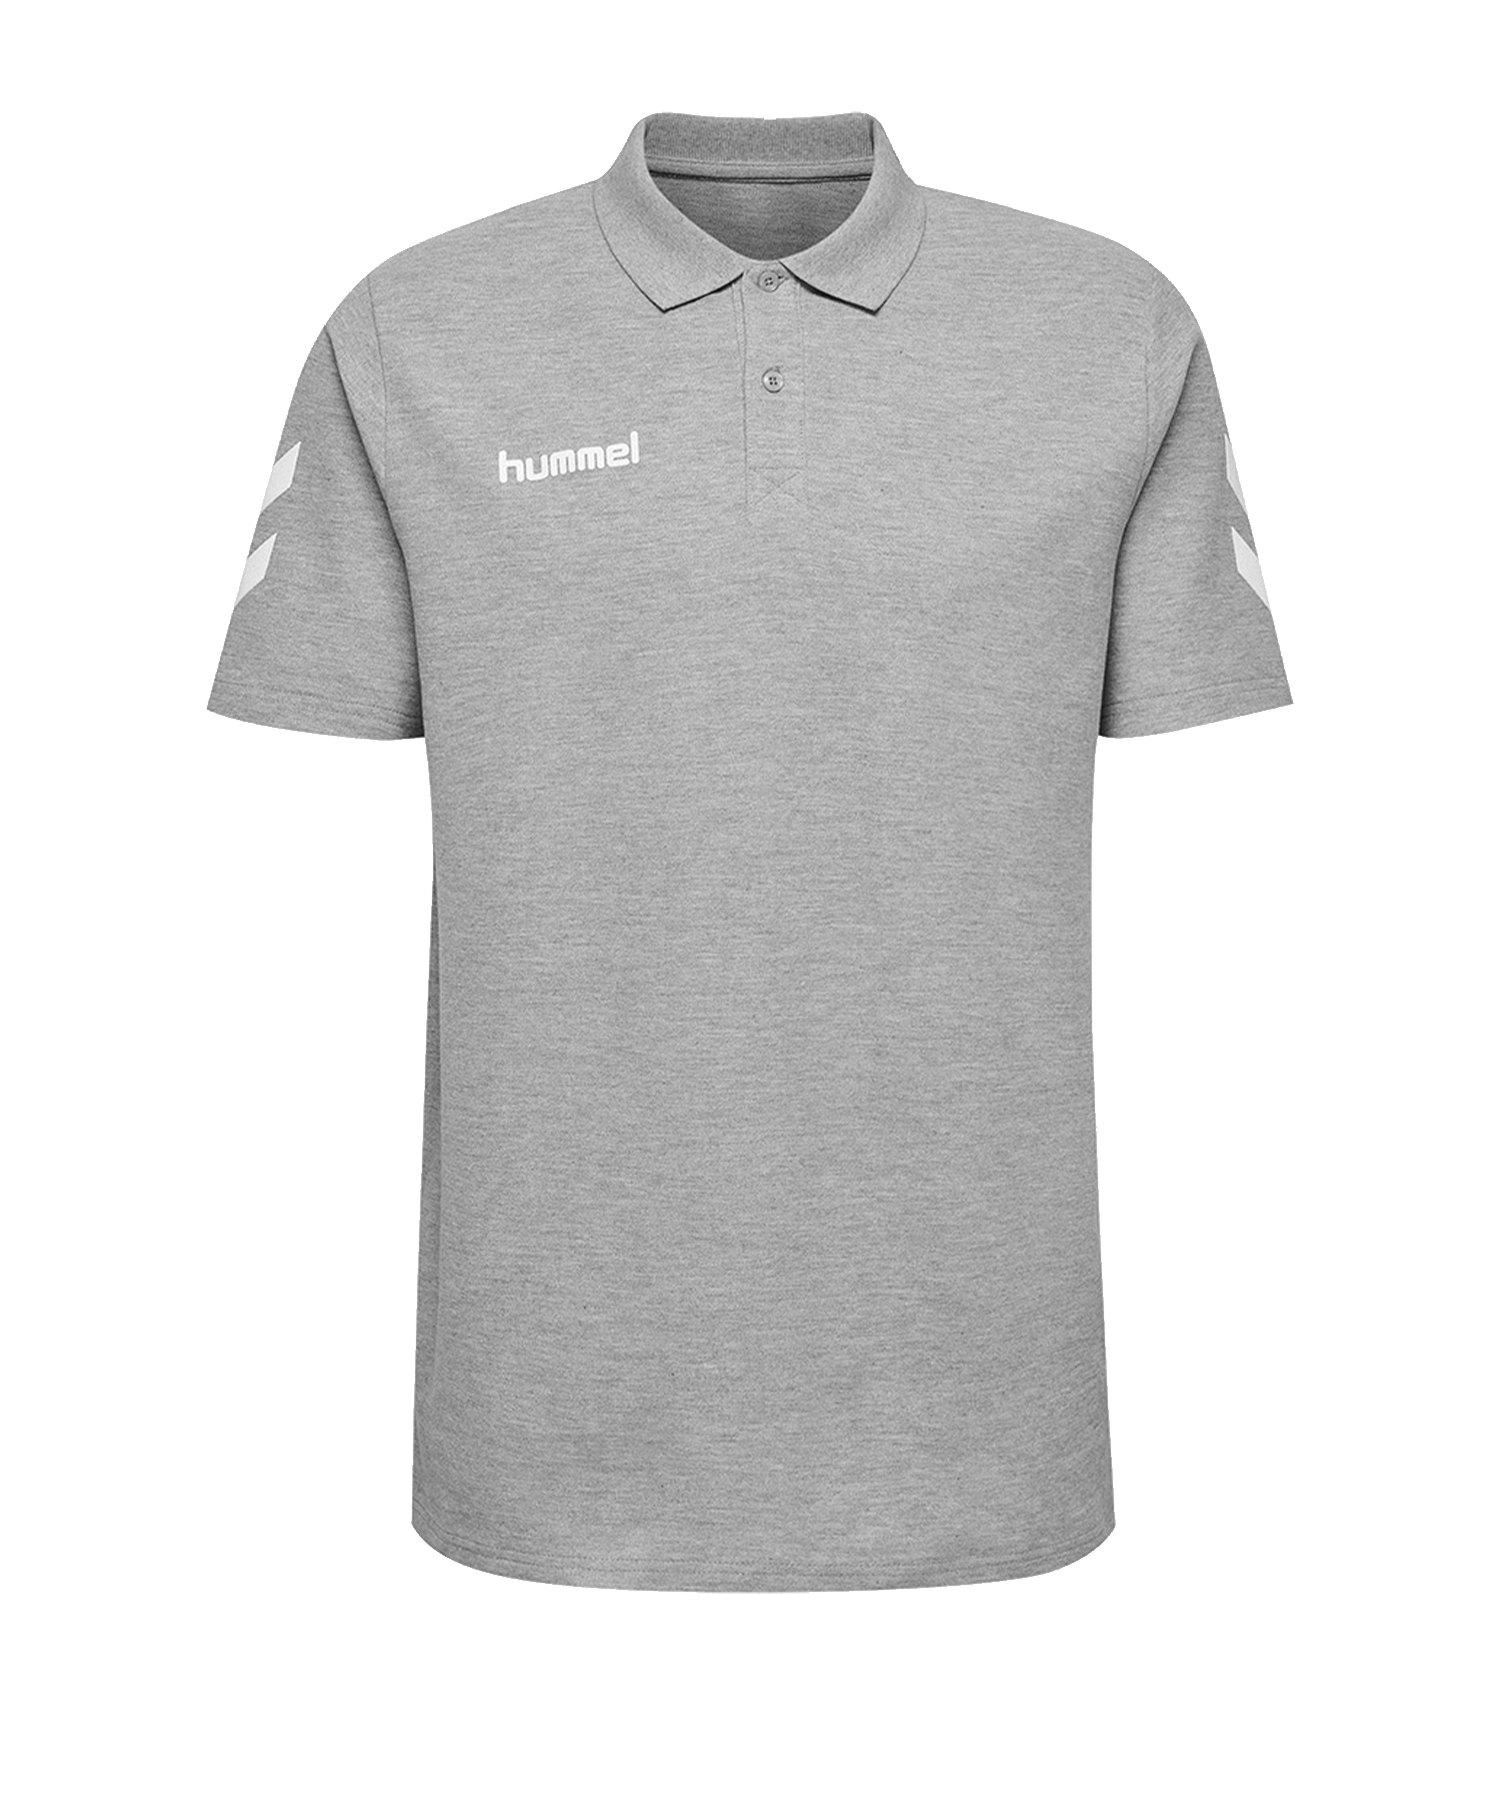 Hummel Cotton Poloshirt Grau F2006 - Grau